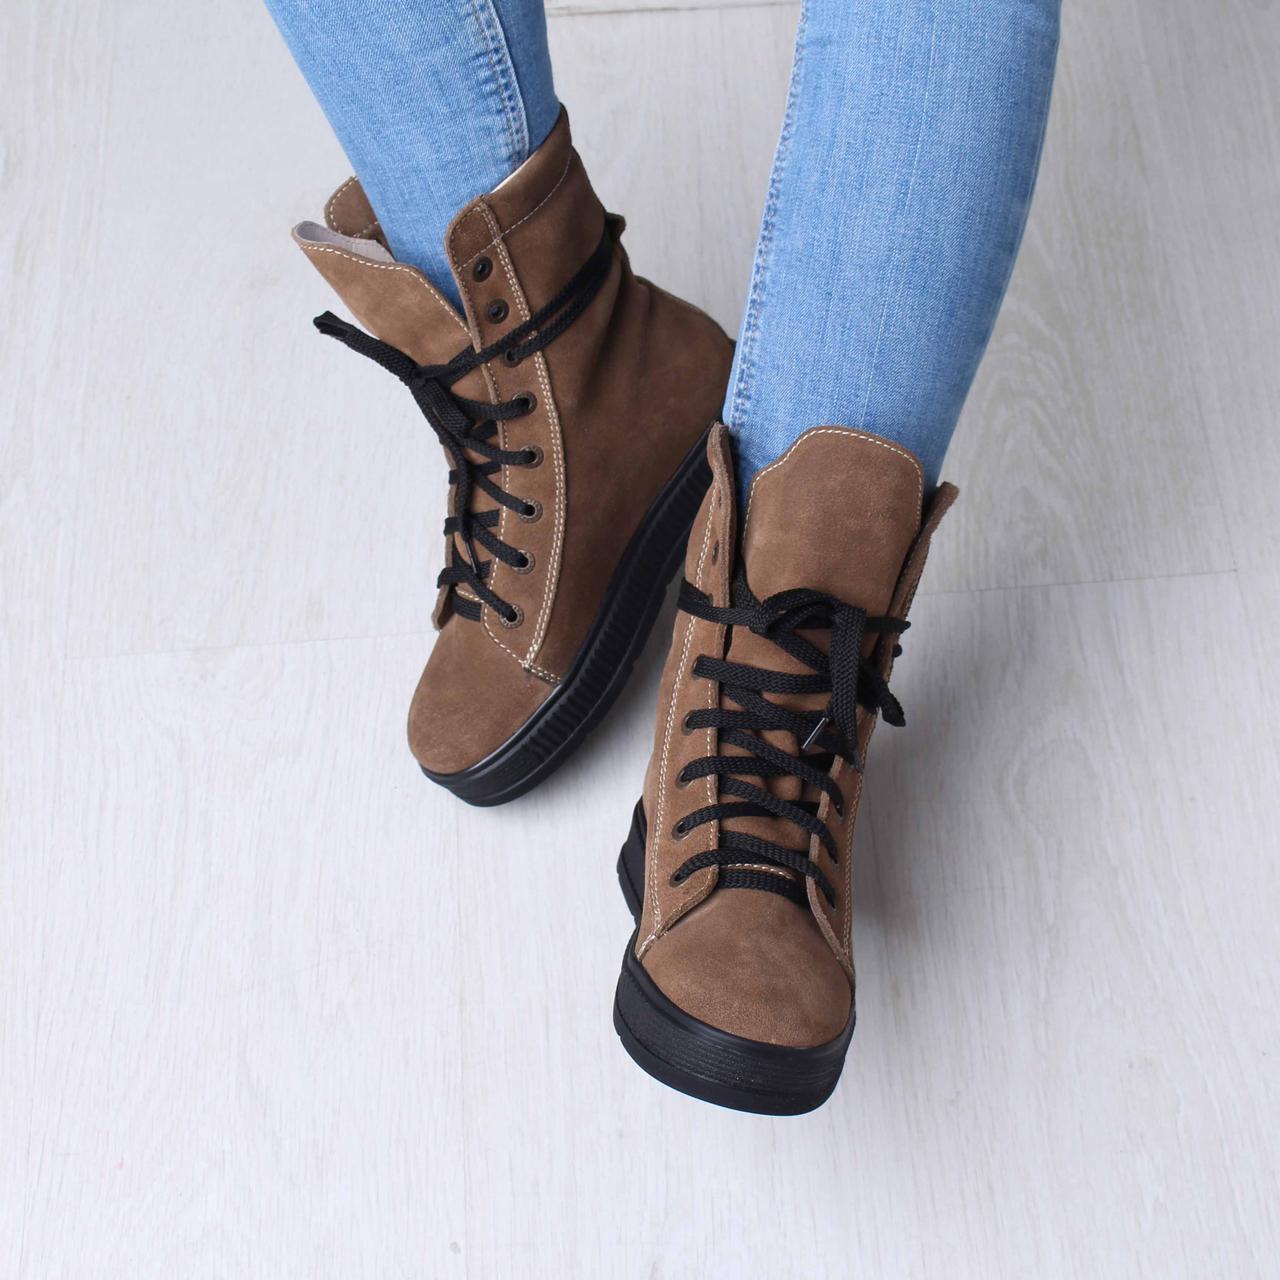 bfbd715a Утепленные женские высокие сапоги на шнуровке , выбрать из Ботинок ...